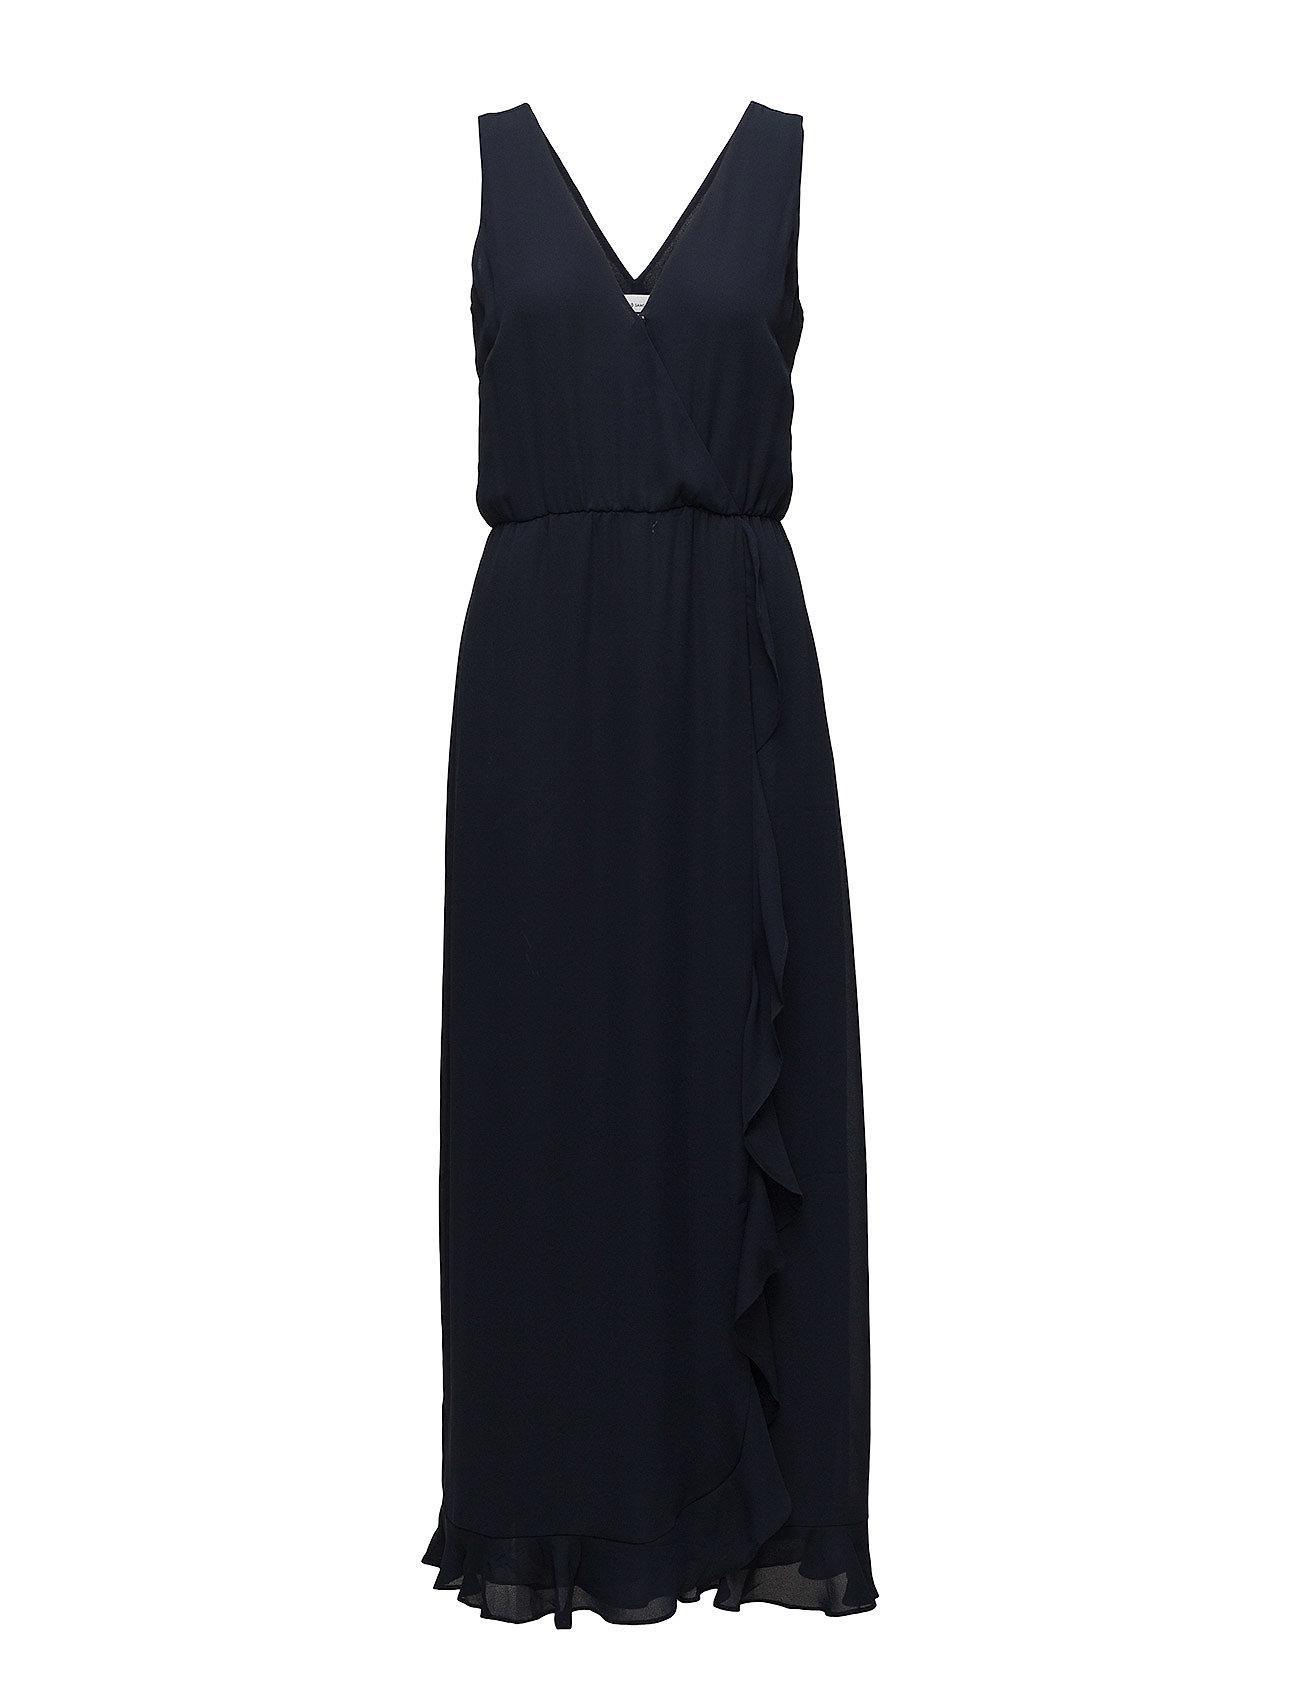 Limon L Dress 6891